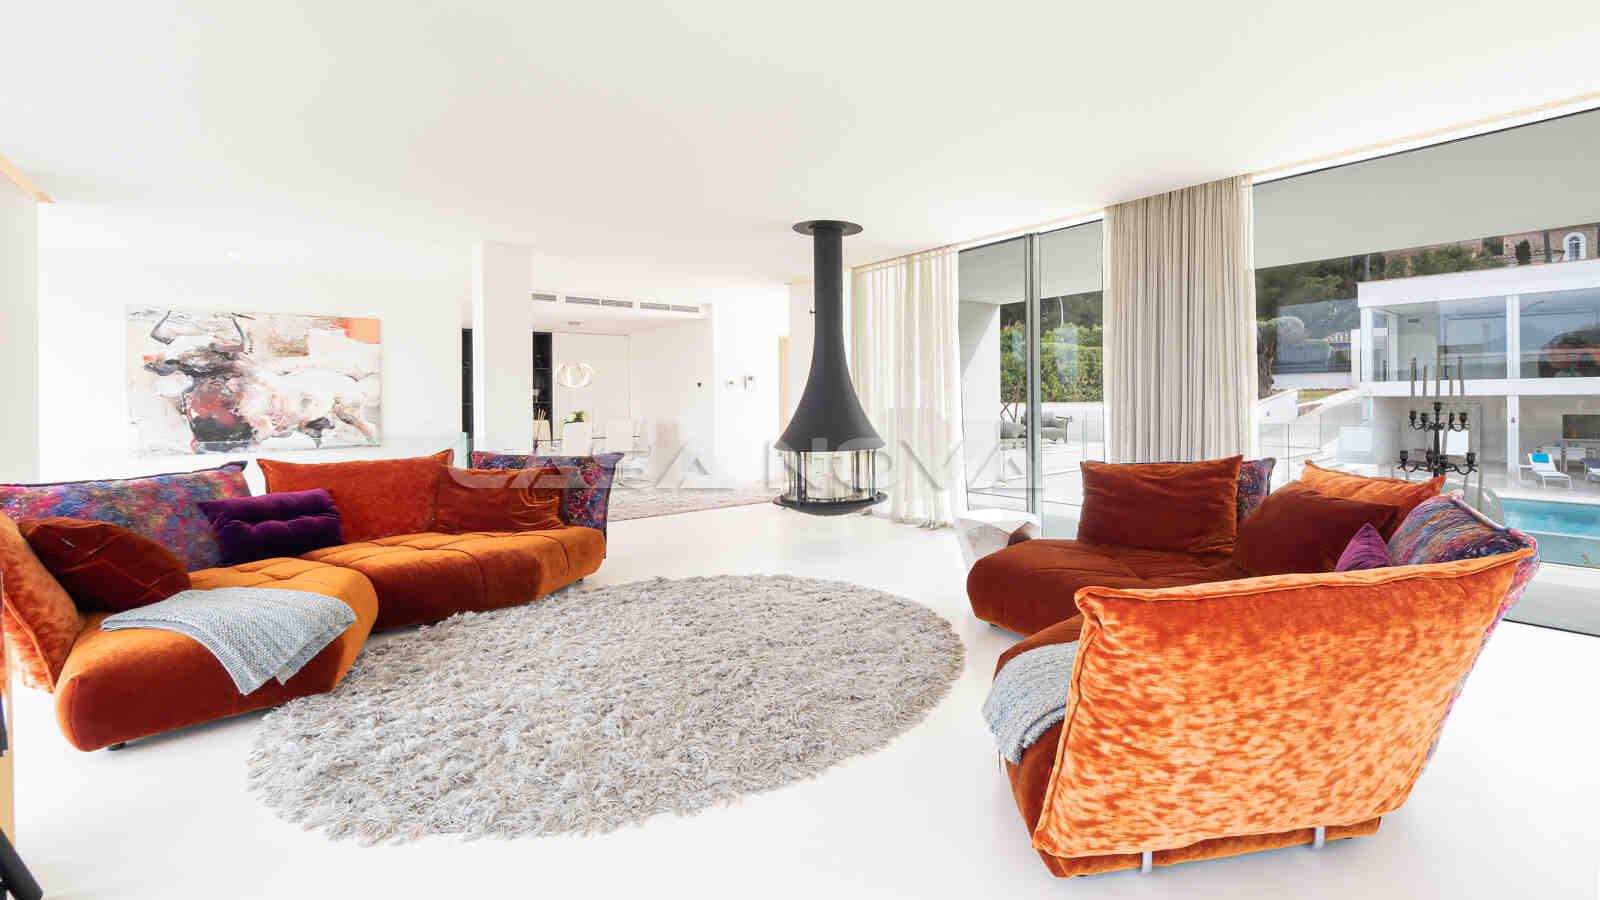 Geräumiges Wohnzimmer mit geschmackvoller Einrichtung